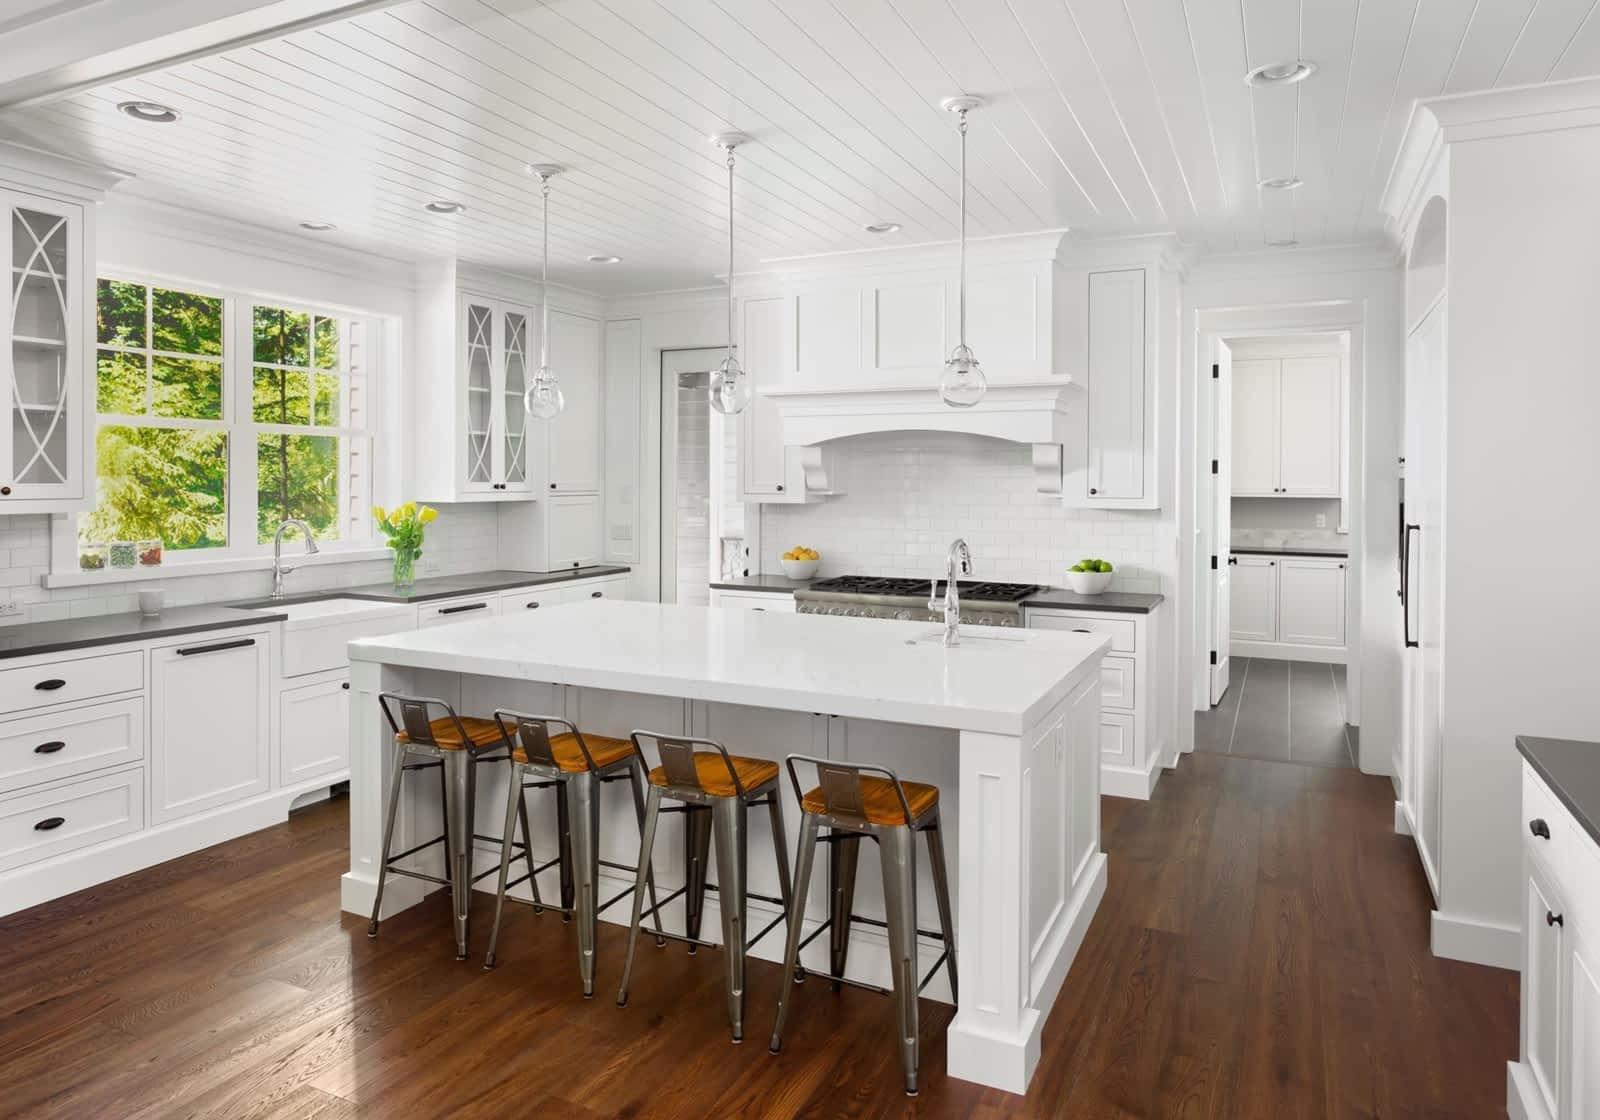 Online Kitchen Design Tools - Best Way to Redesign Your Kitchen